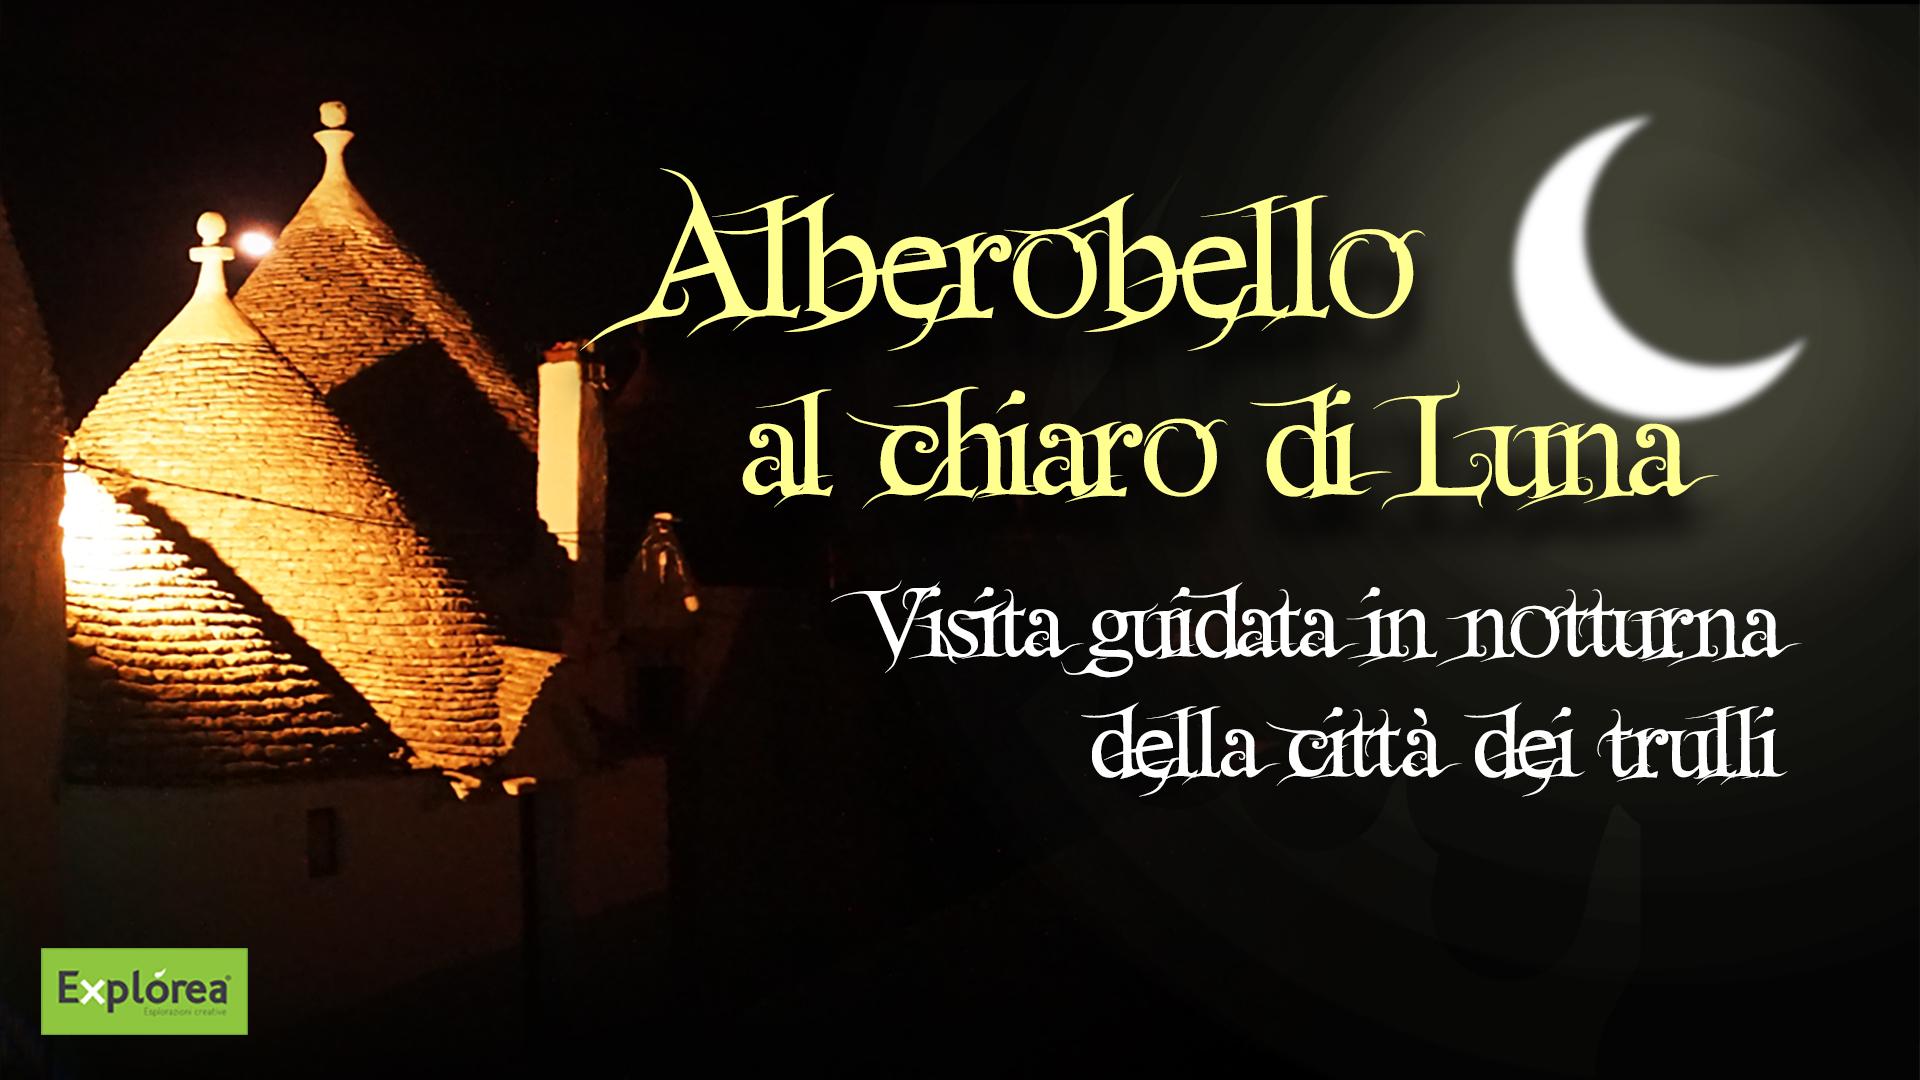 ALBEROBELLO AL CHIARO DI LUNA